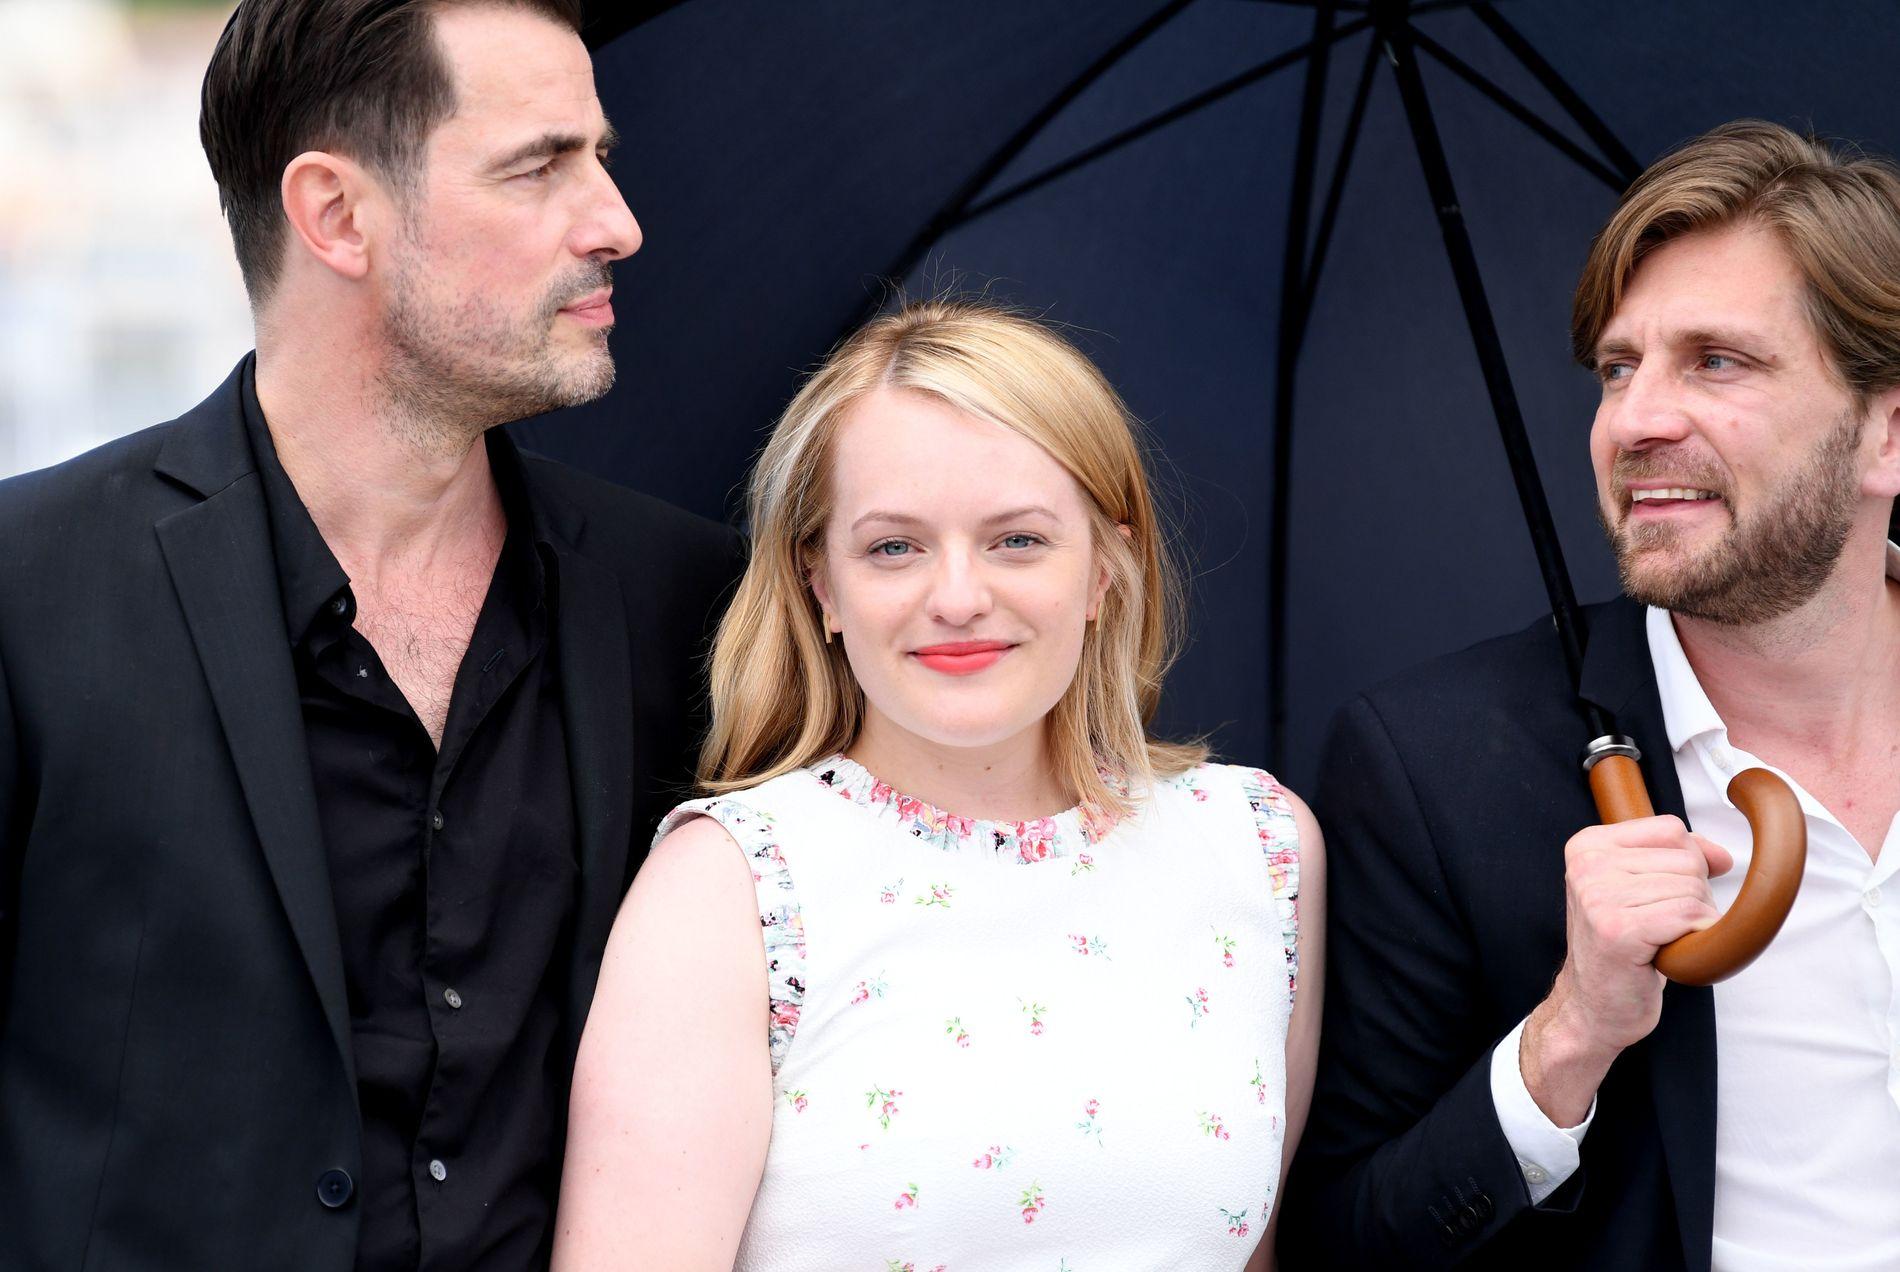 SVENSK REPRESENTASJON: Claes Bang, Elizabeth Moss og Ruben Østlund presenterer «The Square» i Cannes.